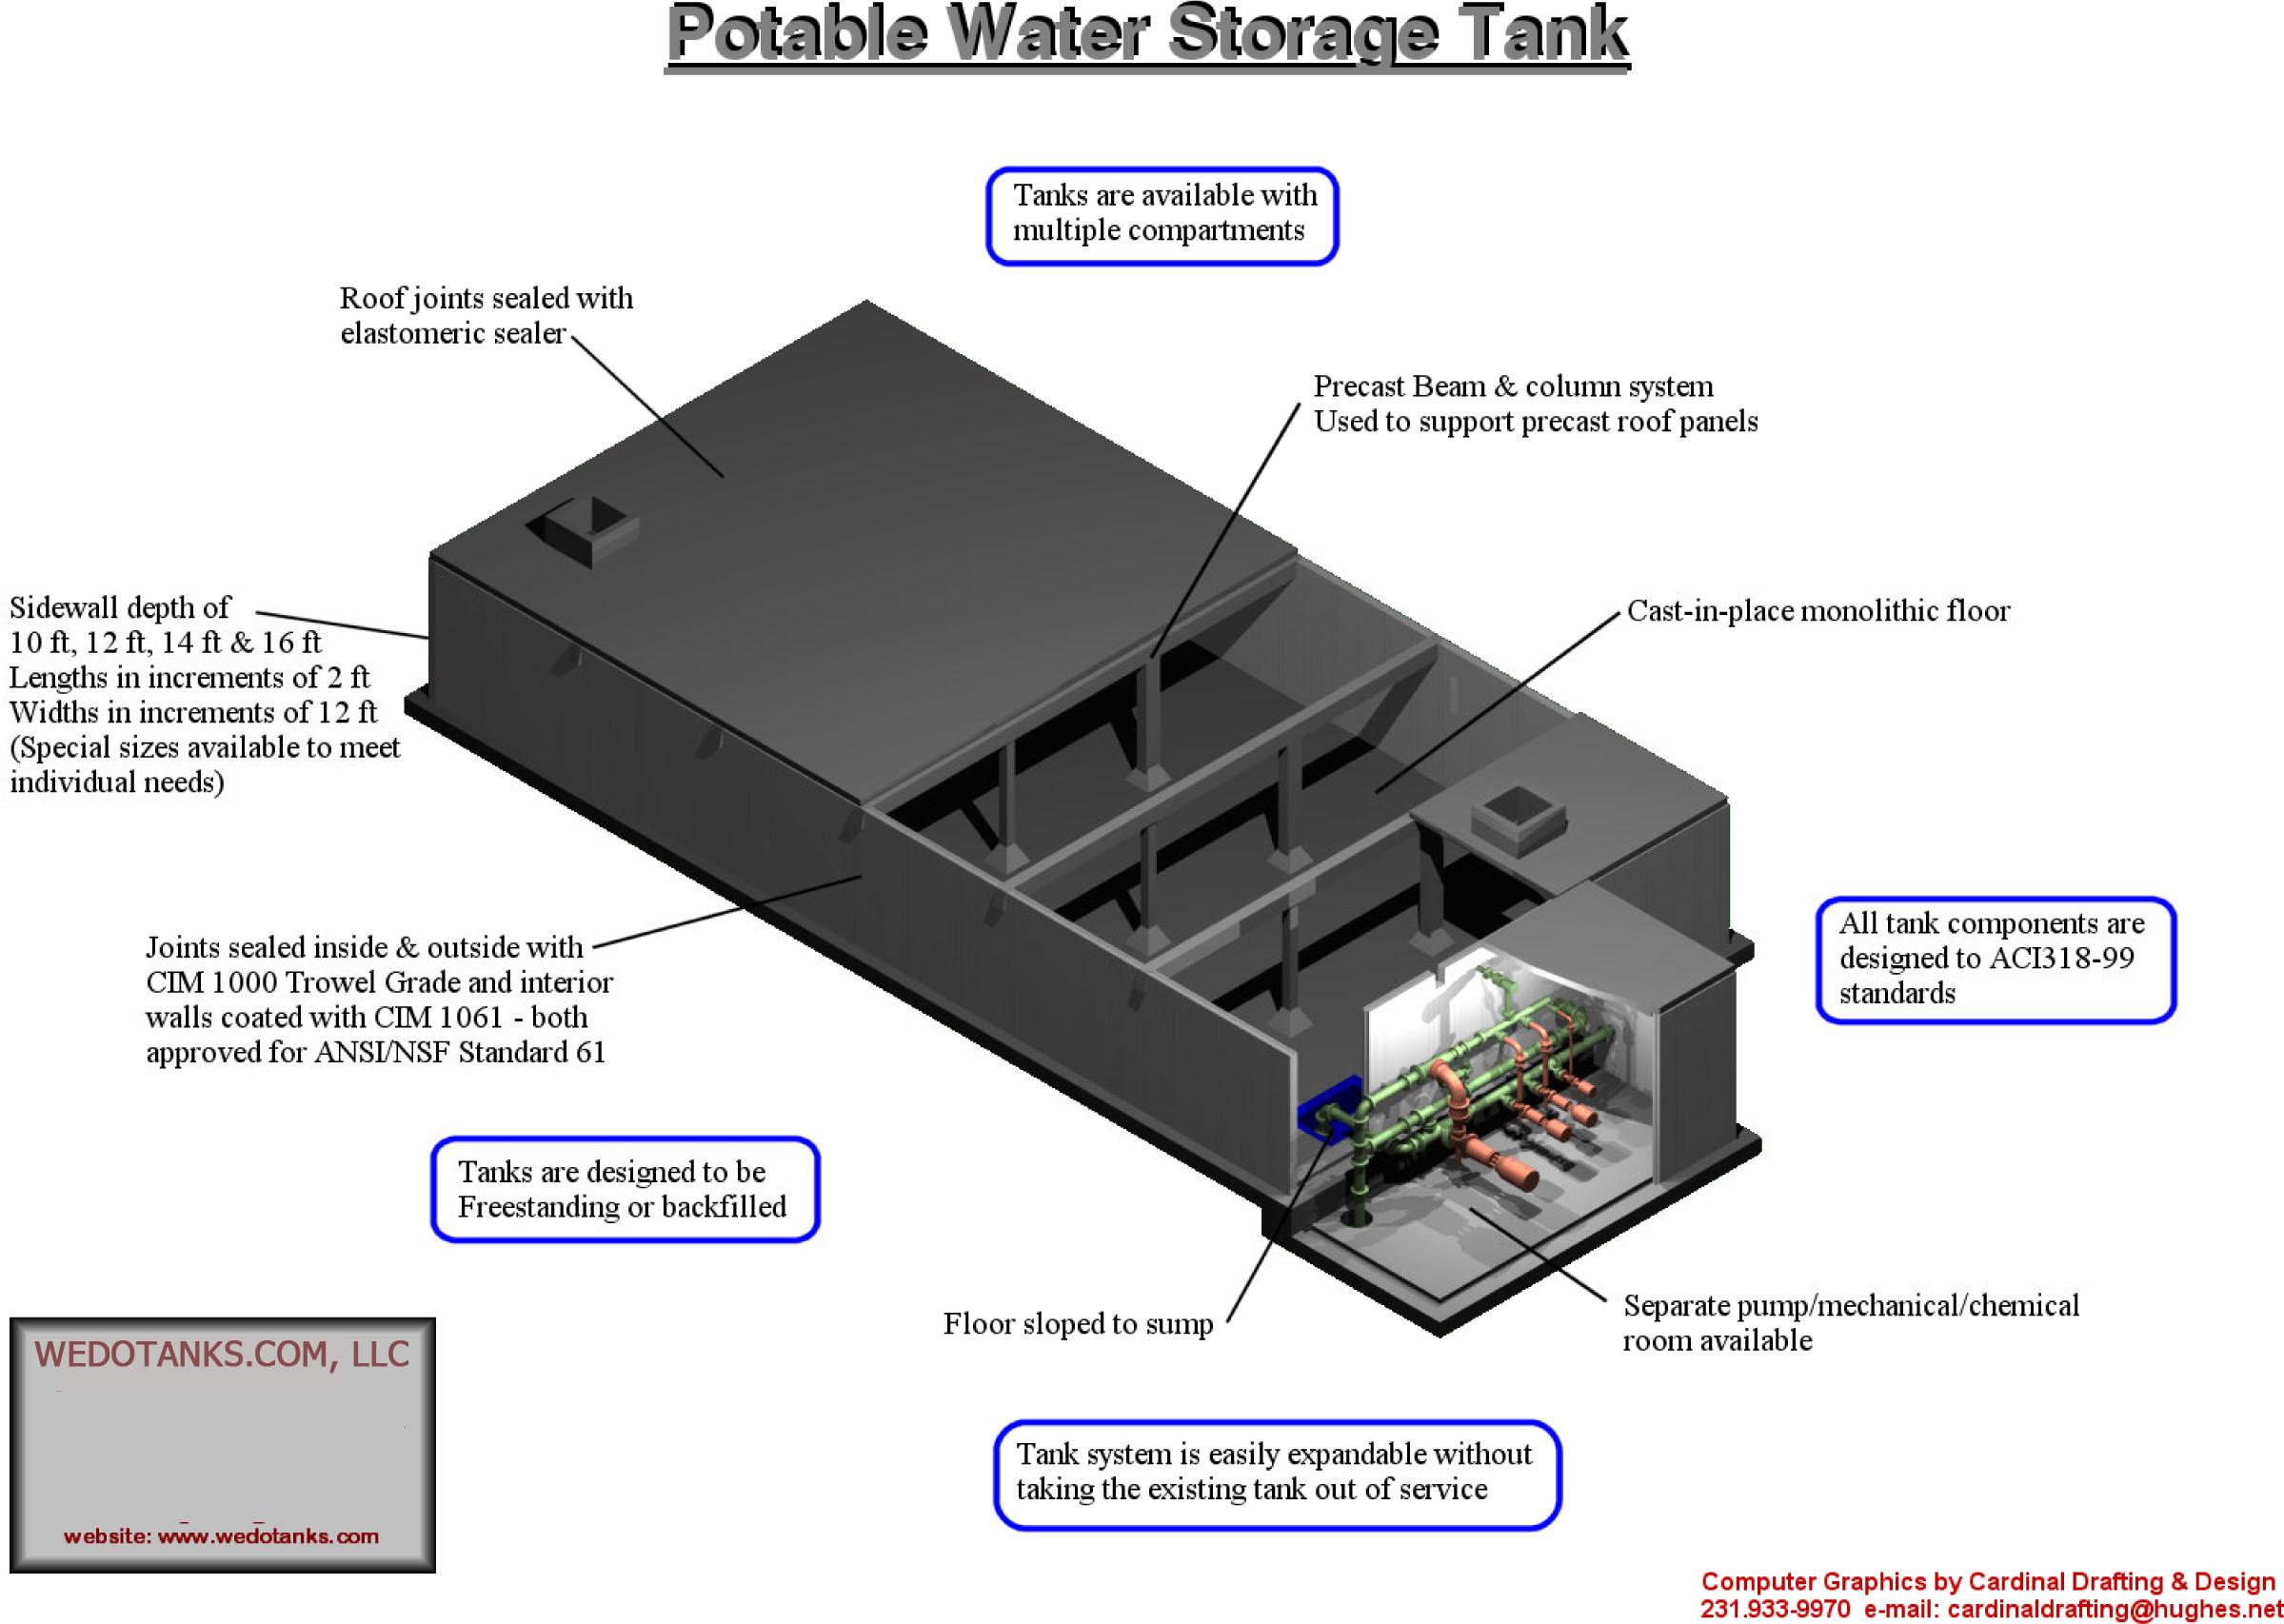 Potable Water Tanks Denton Wedotanks